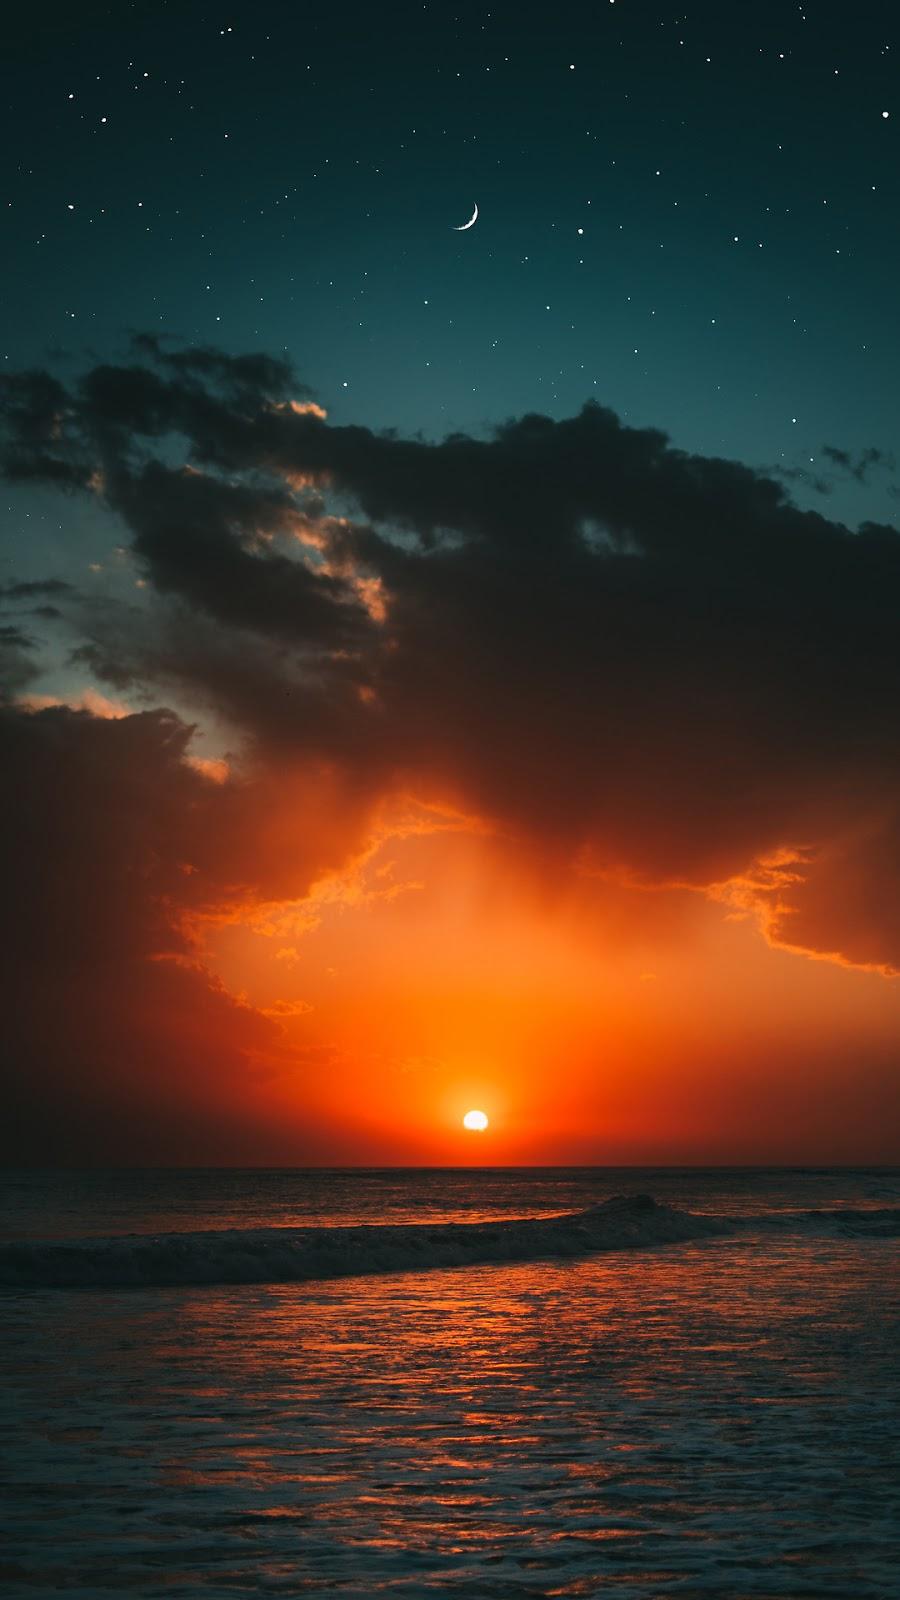 Sunset Beach Wallpaper - Sunset Wallpaper Iphone X , HD Wallpaper & Backgrounds